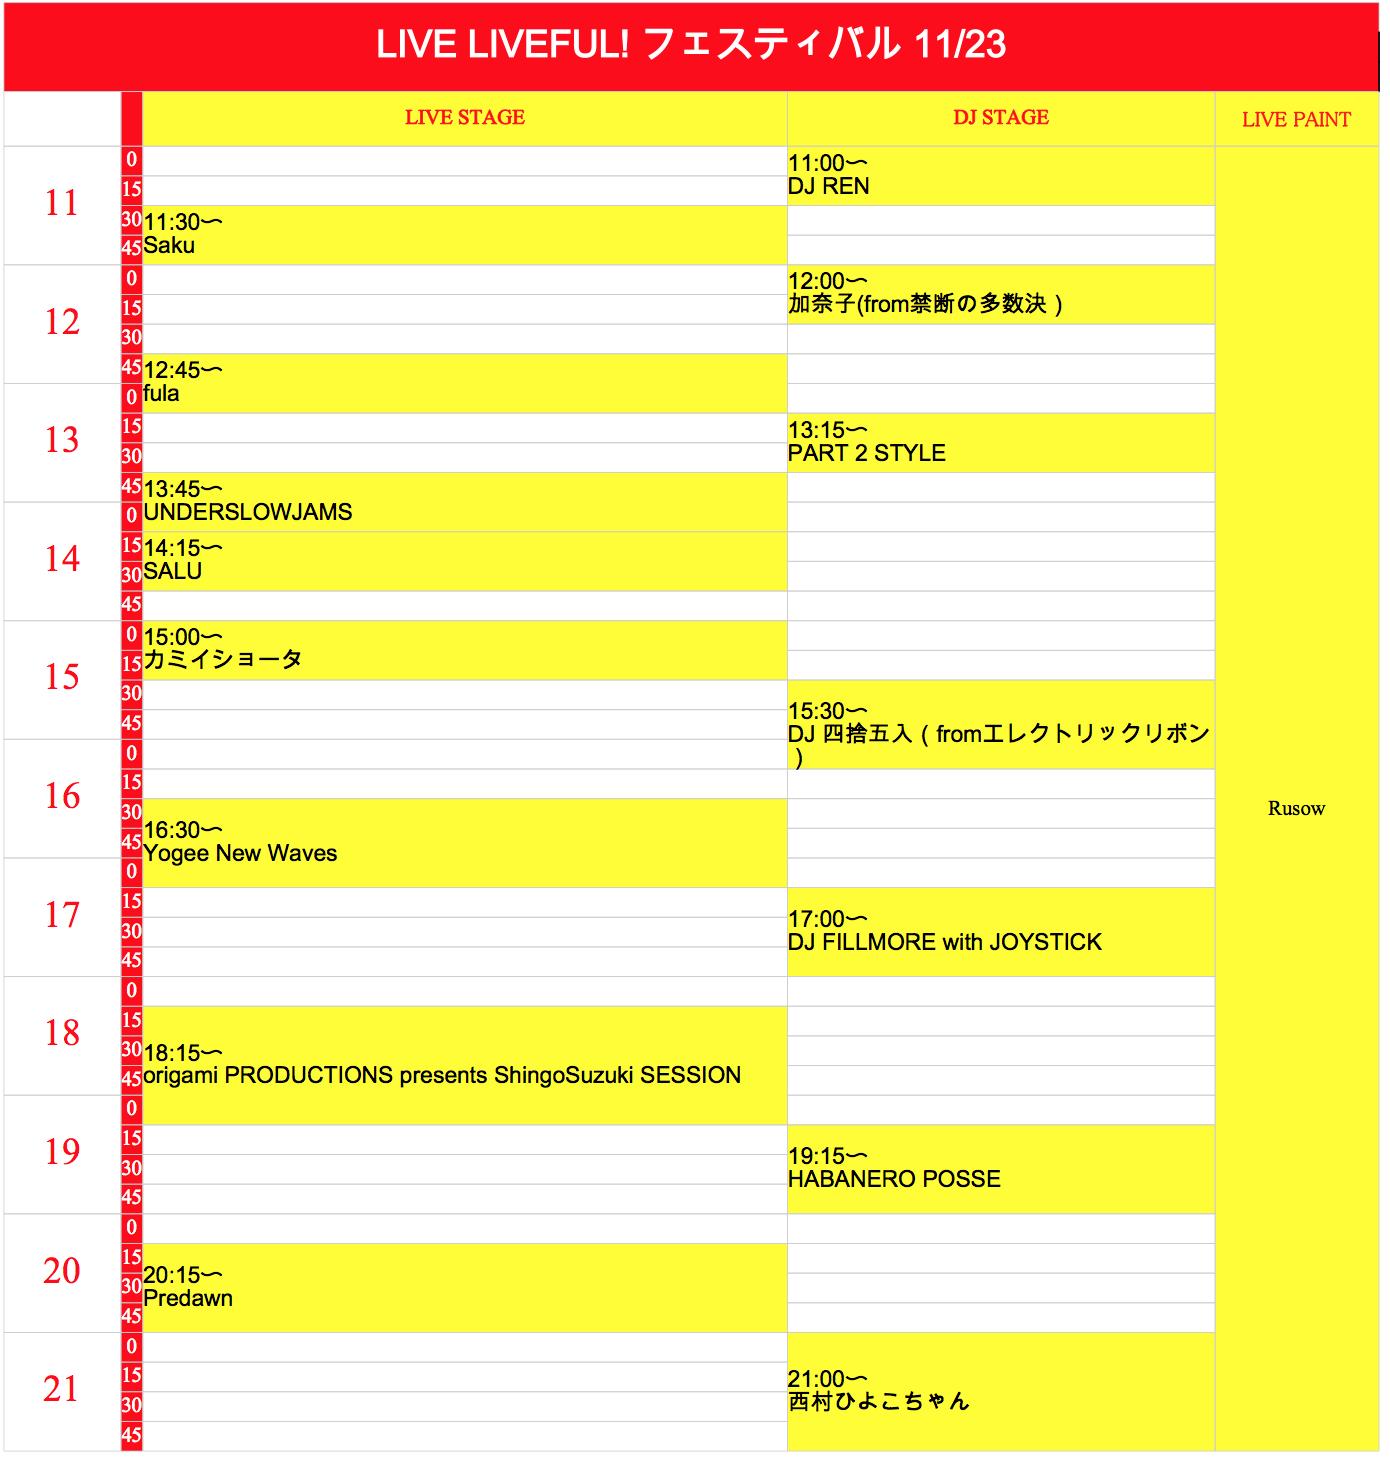 スクリーンショット 2014-11-21 13.31.14